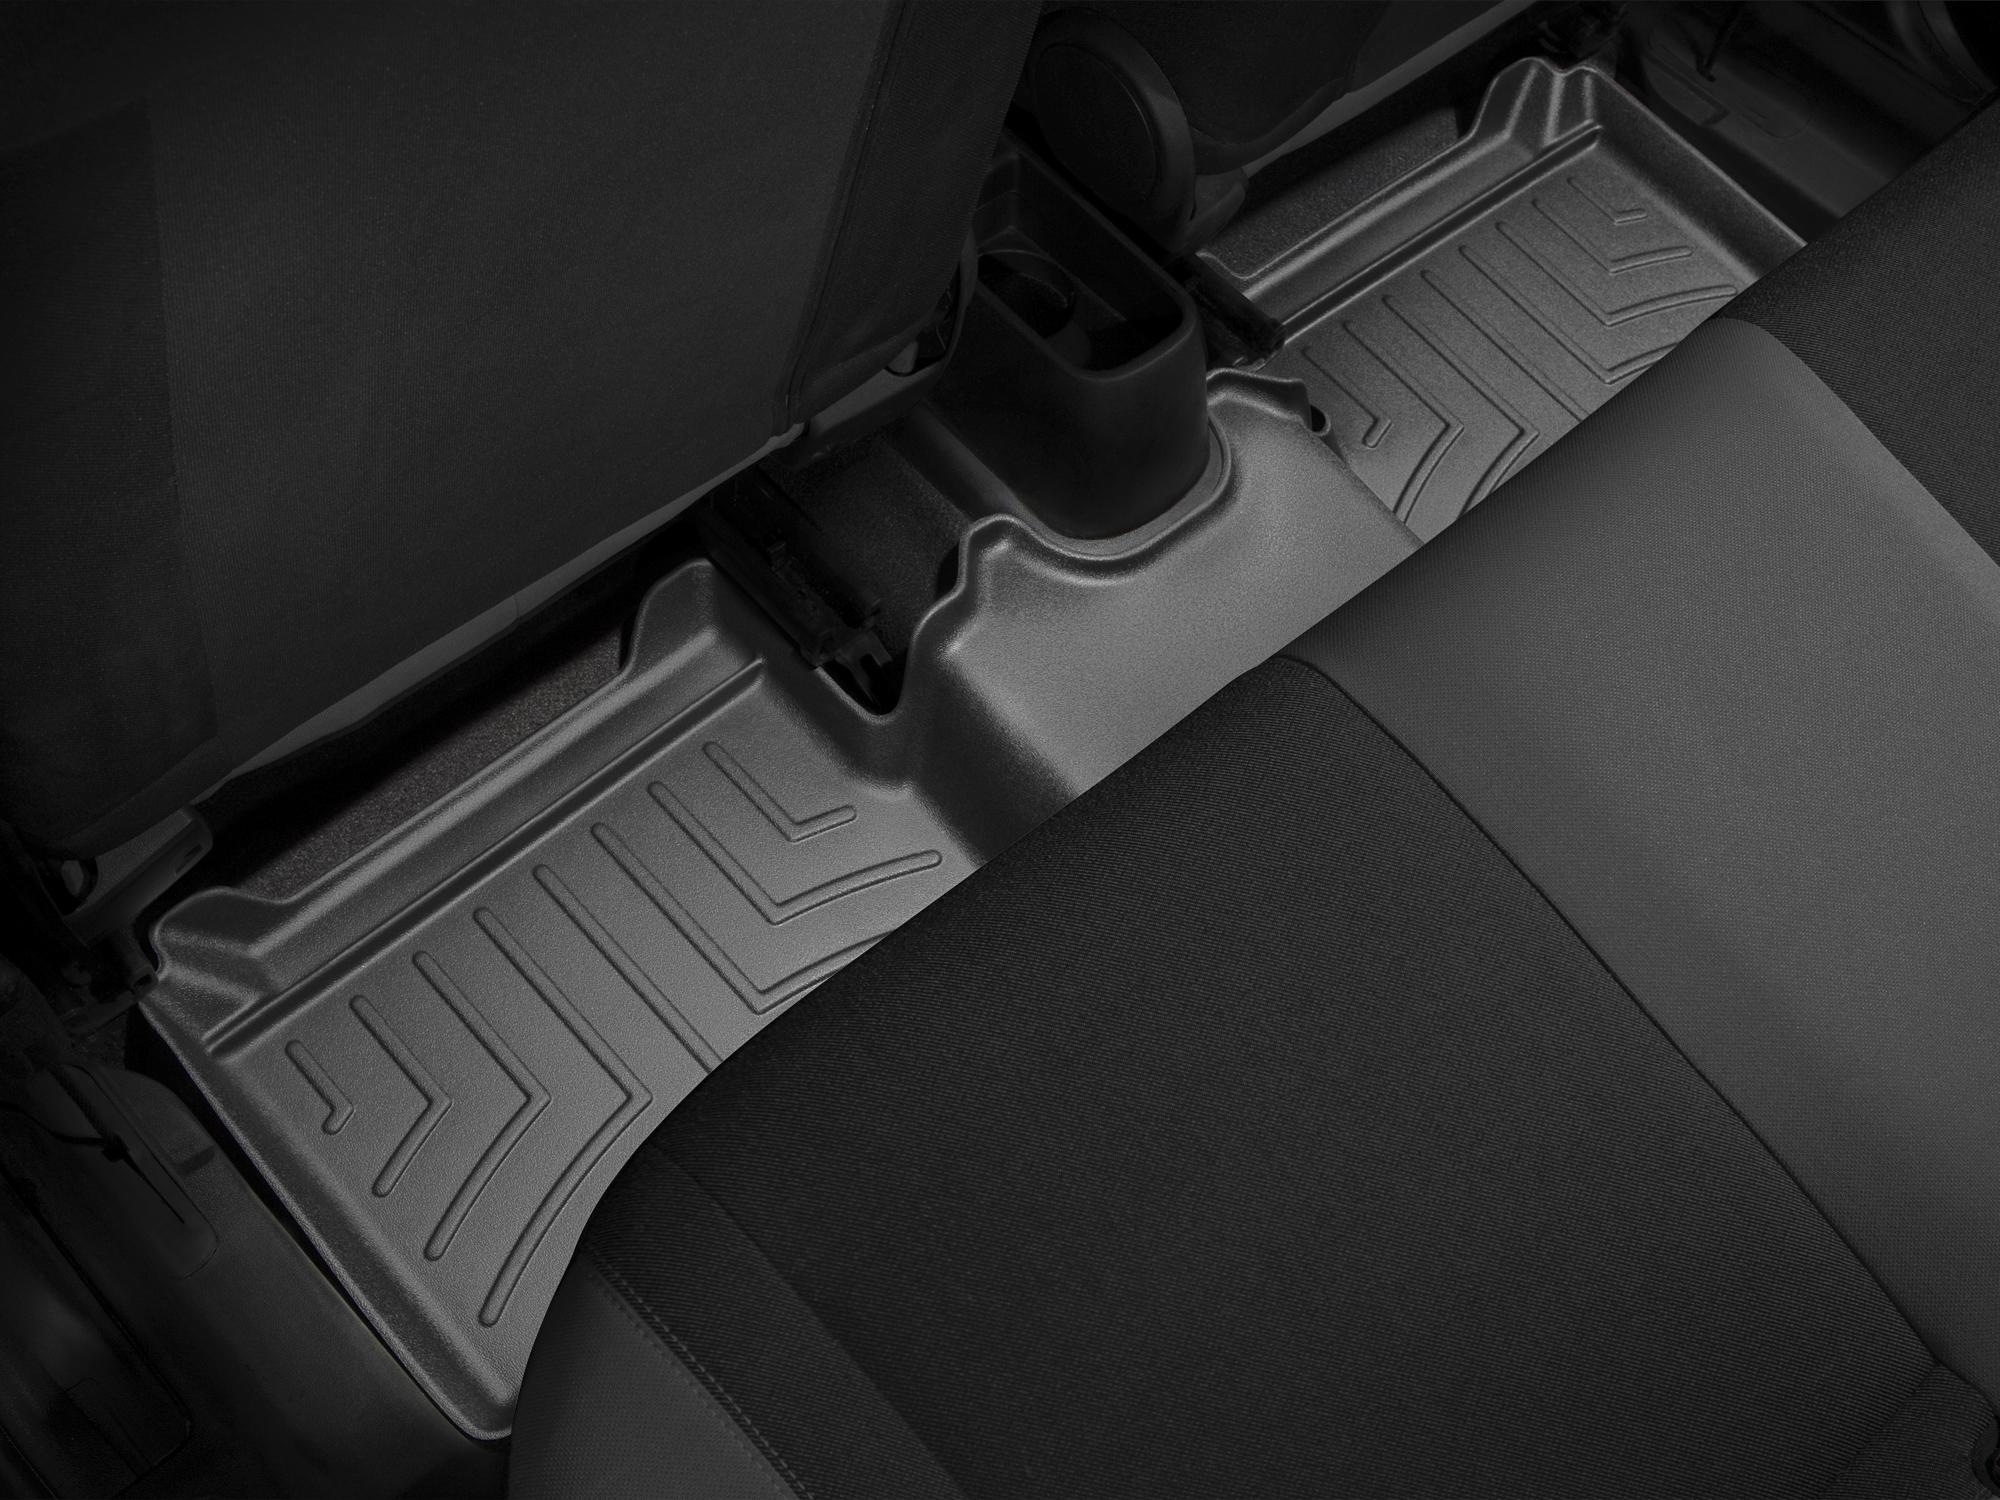 Tappeti gomma su misura bordo alto Fiat Punto EVO 09>13 Nero A835*